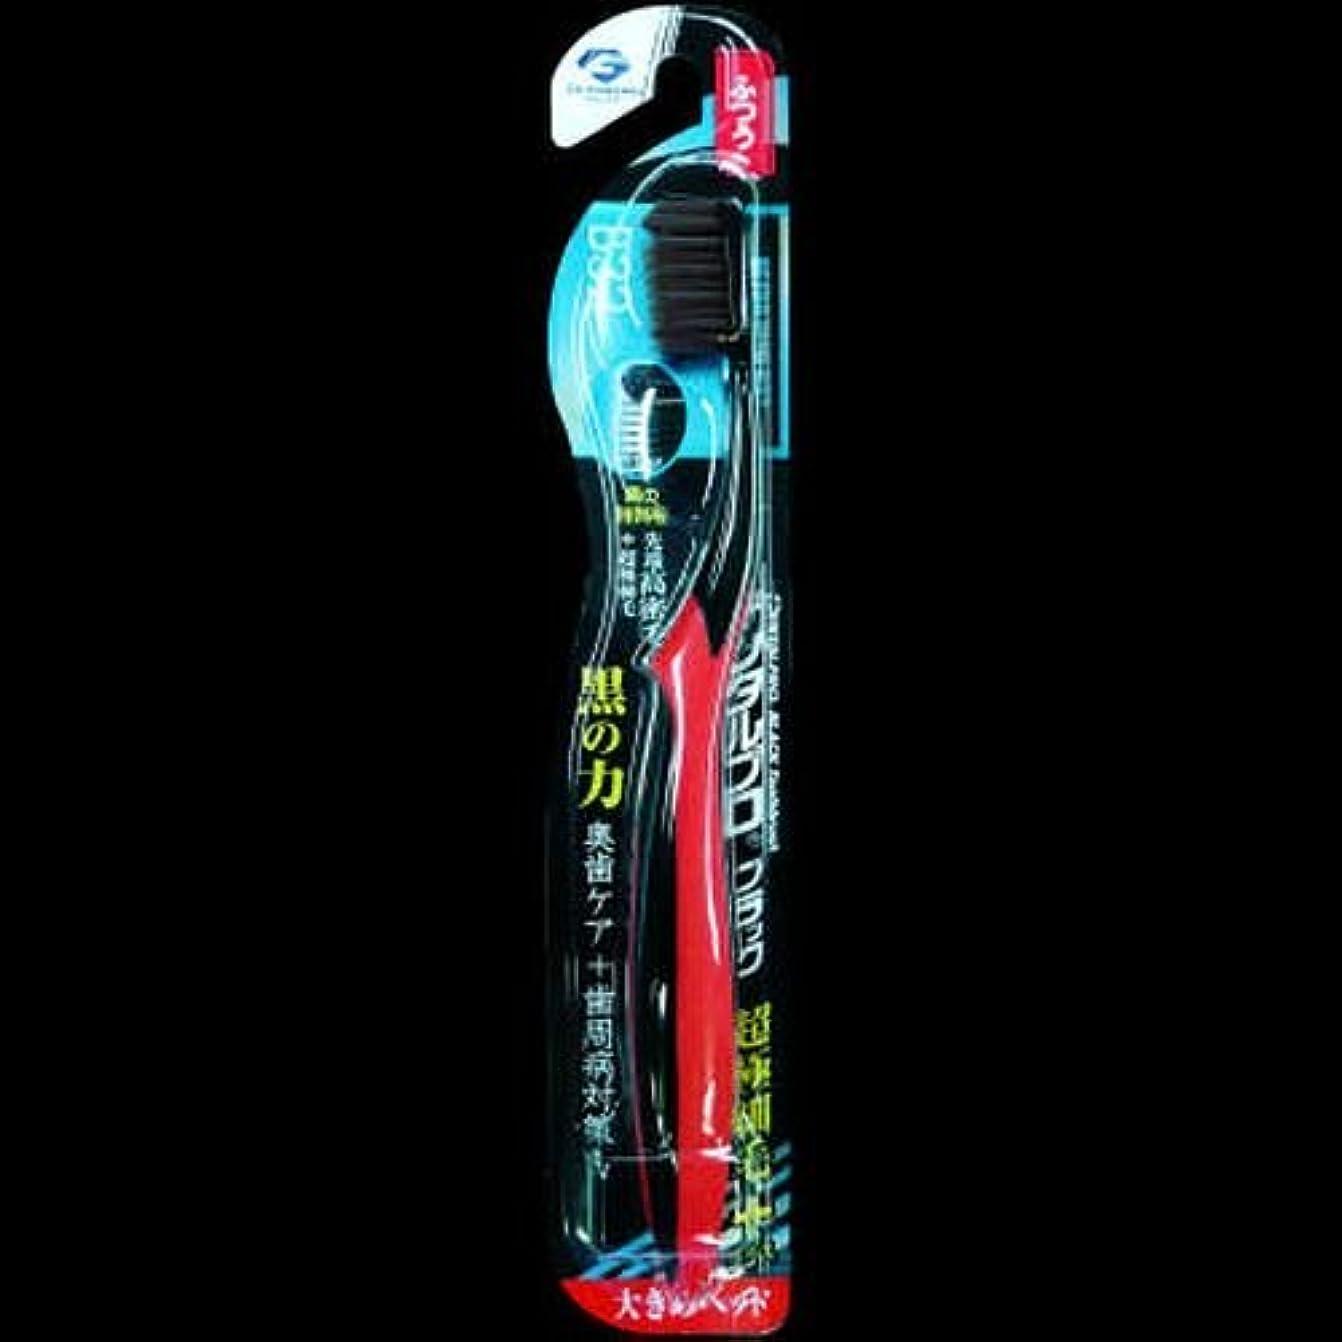 ダンプ大脳製品デンタルプロ ブラック歯ブラシ 超極細毛プラス大きめヘッド ふつう ×2セット